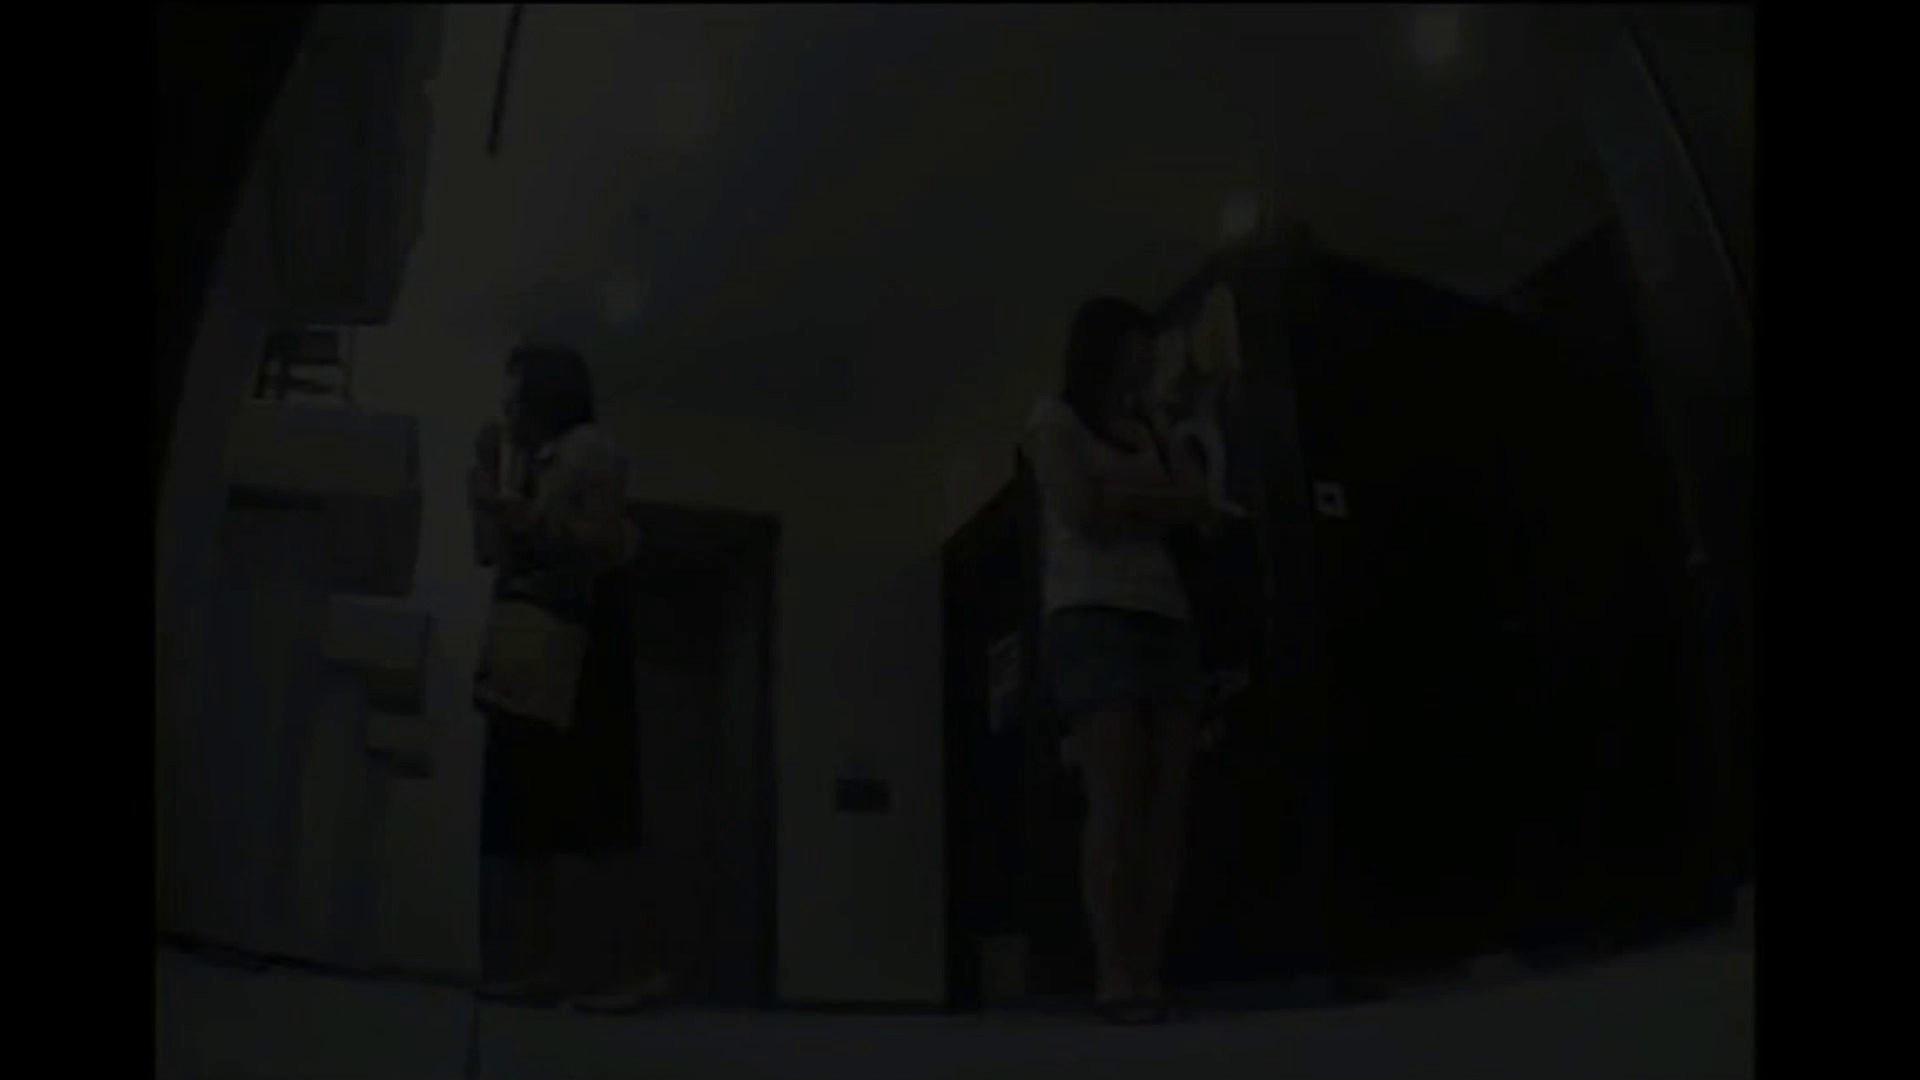 お漏らし寸前デパトイレ盗撮!Vol.05 盗撮師作品 おまんこ動画流出 69pic 57